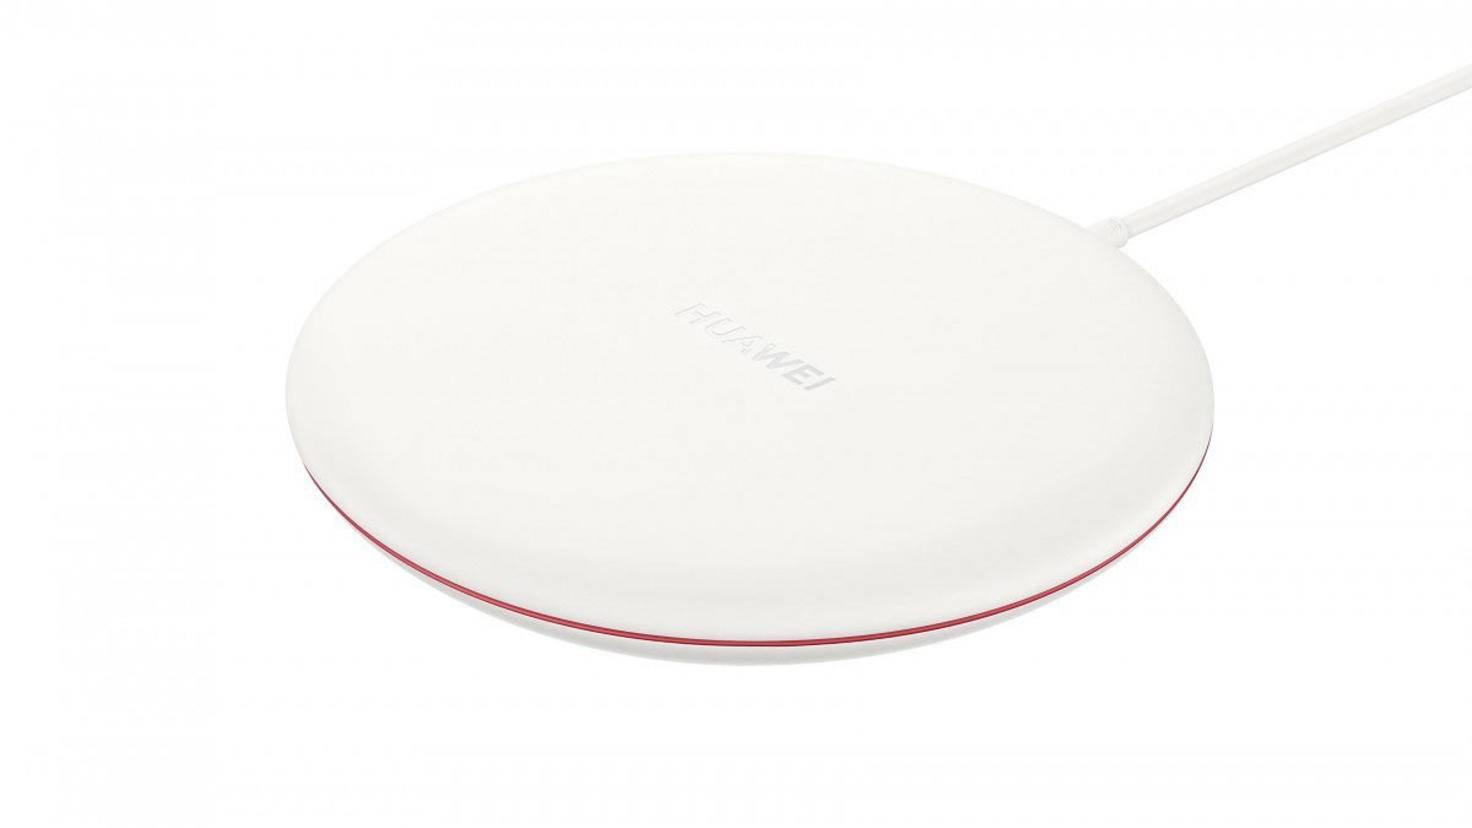 Der Wireless Charger dürfte als Zubehör für das Mate 20 Pro verkauft werden.